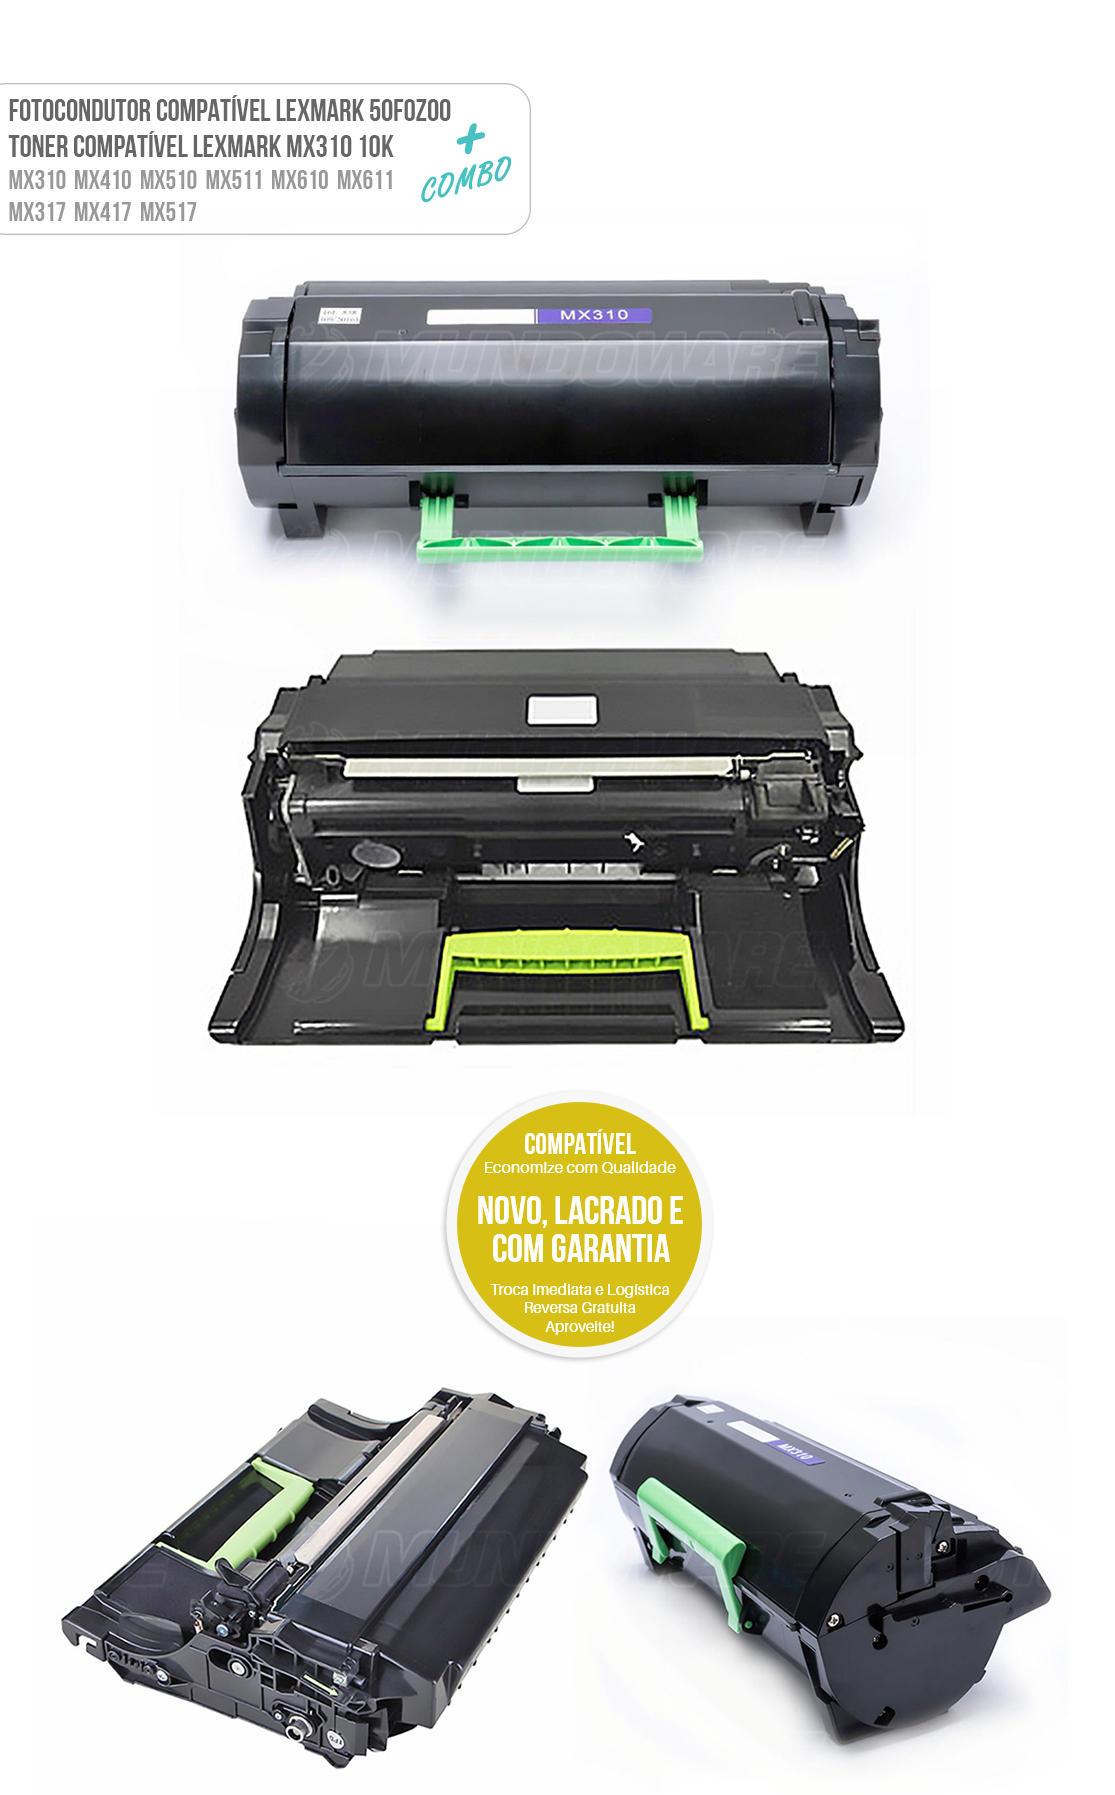 Cartucho de Cilindro + Toner Compatível para Lexmark MX310 MX410 MX511 MX611 MX310DN MX410DE MX511DE MX511DHE MX611DE MX611DHE MX611DFE Tonner